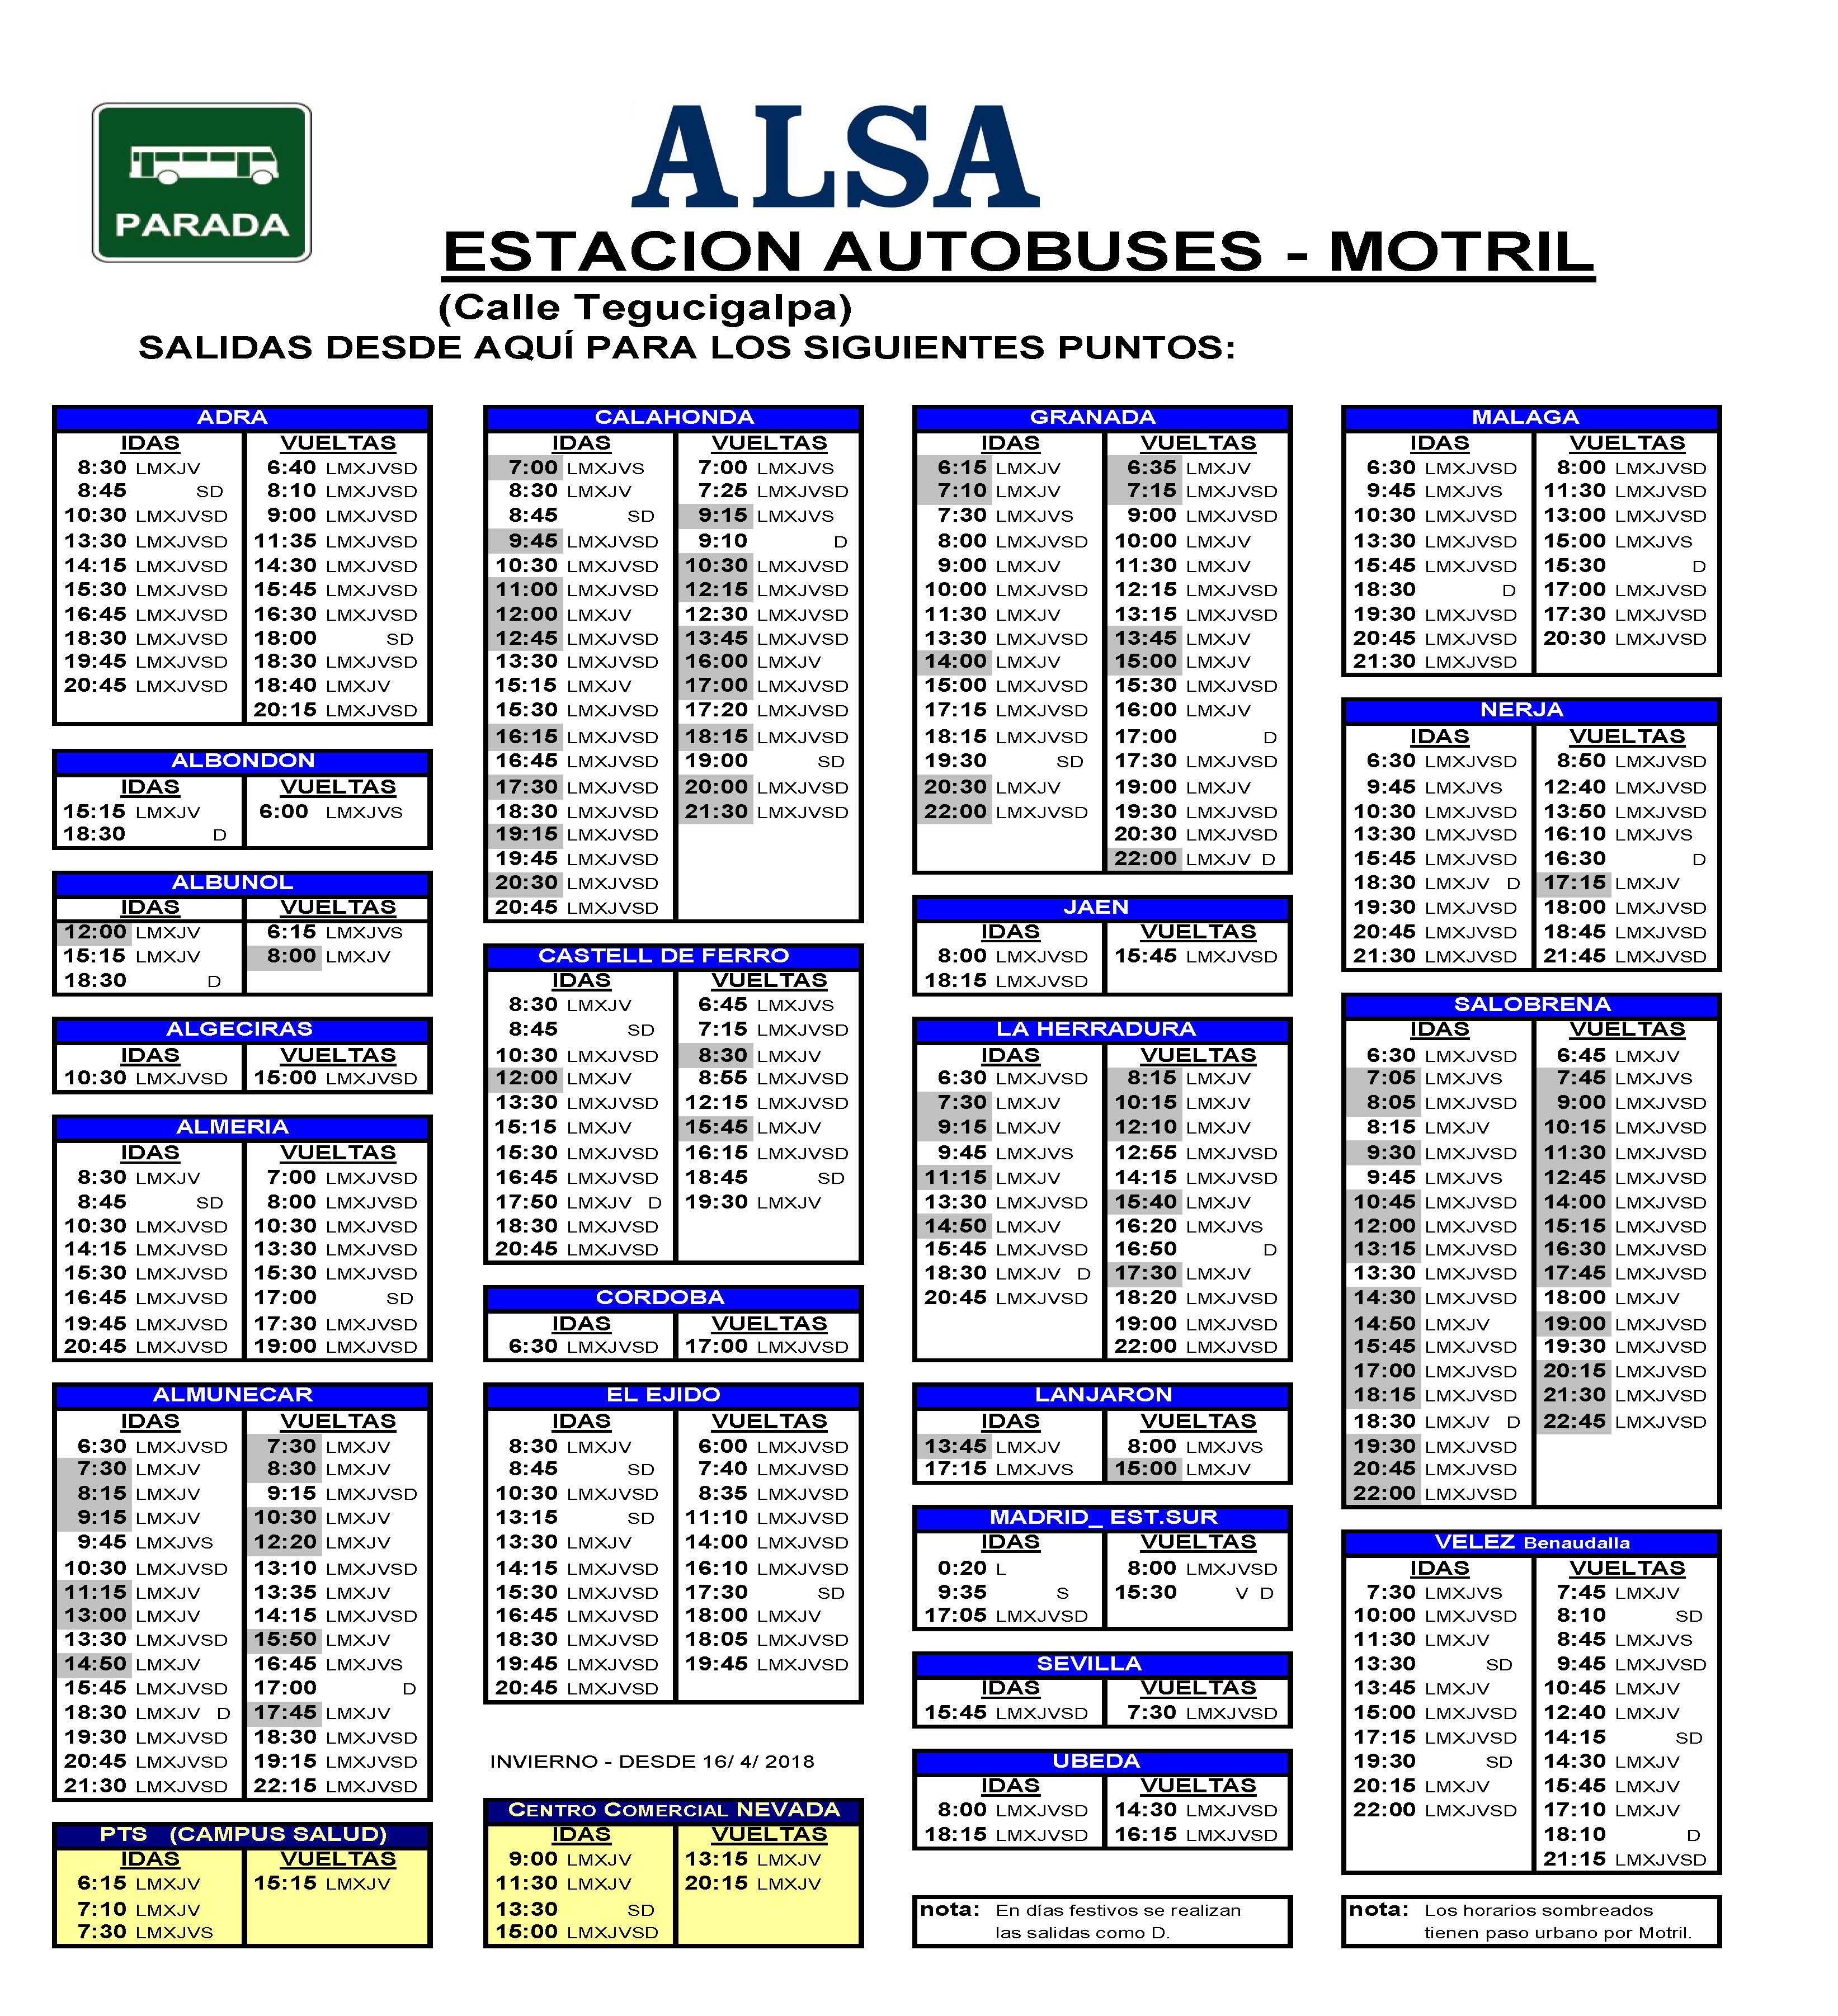 Horario de Autobuses Horarios de salidas y llegadas de las paradas de nuestros alrededores